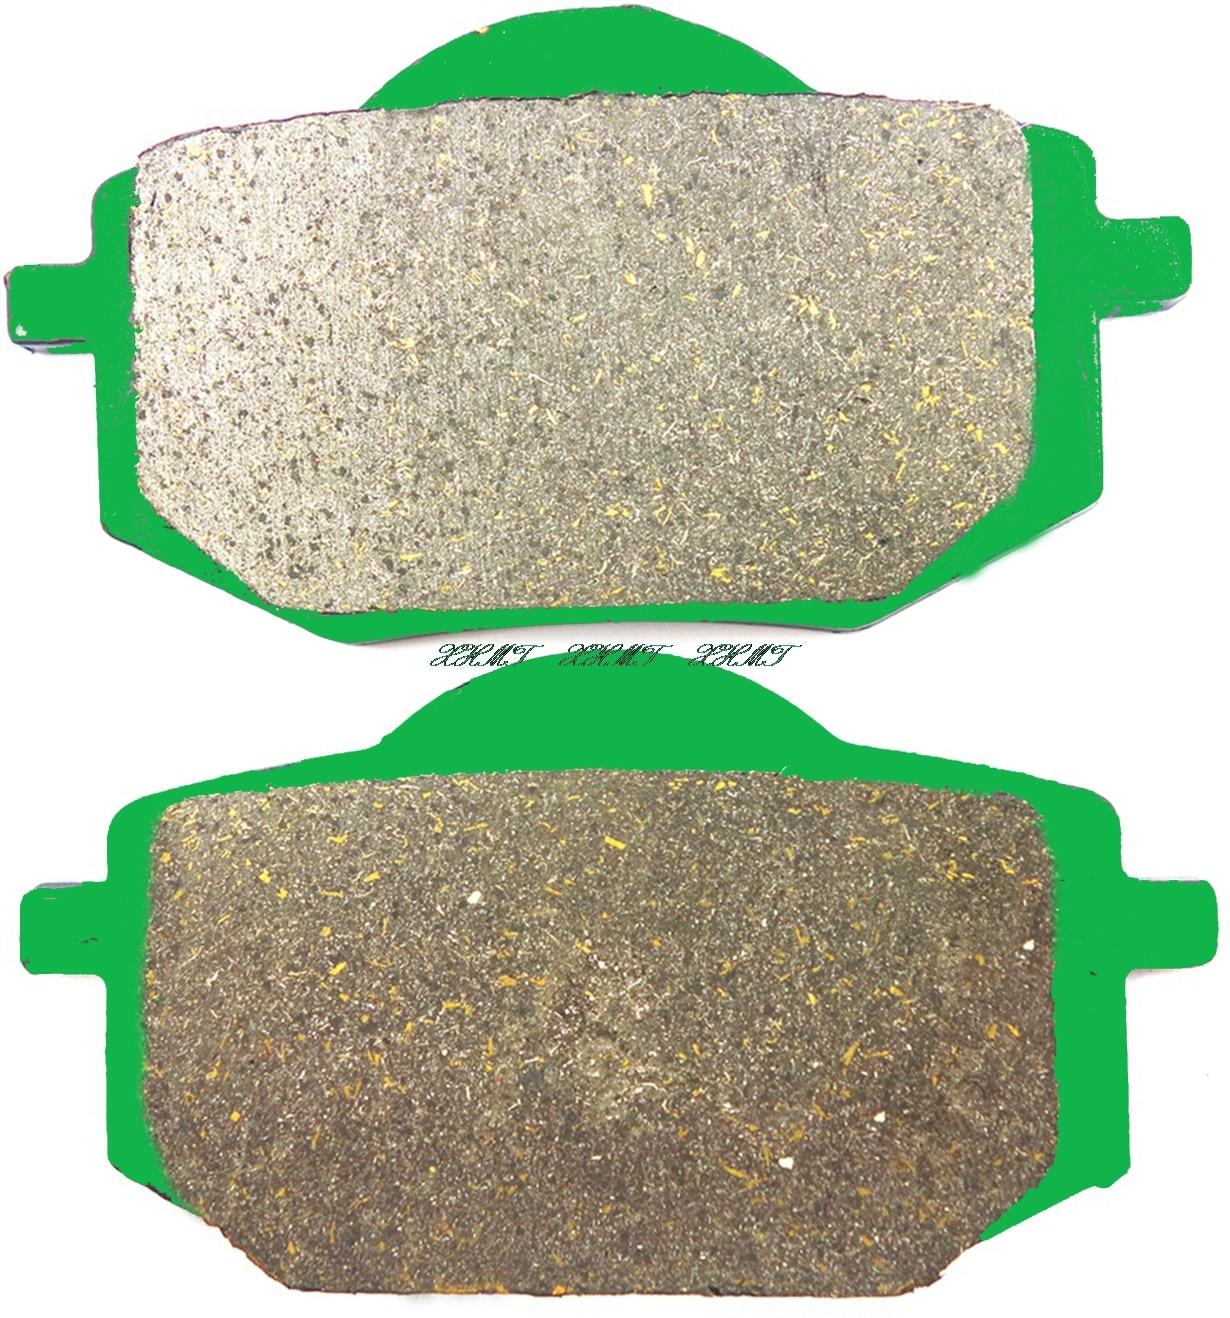 Тормозные колодки колодок для YAMAHA XV400 ХV 400 БАБЕНЦИЯ (88 и выше)/ в XV 535 XV535 бой-баба (87-94)